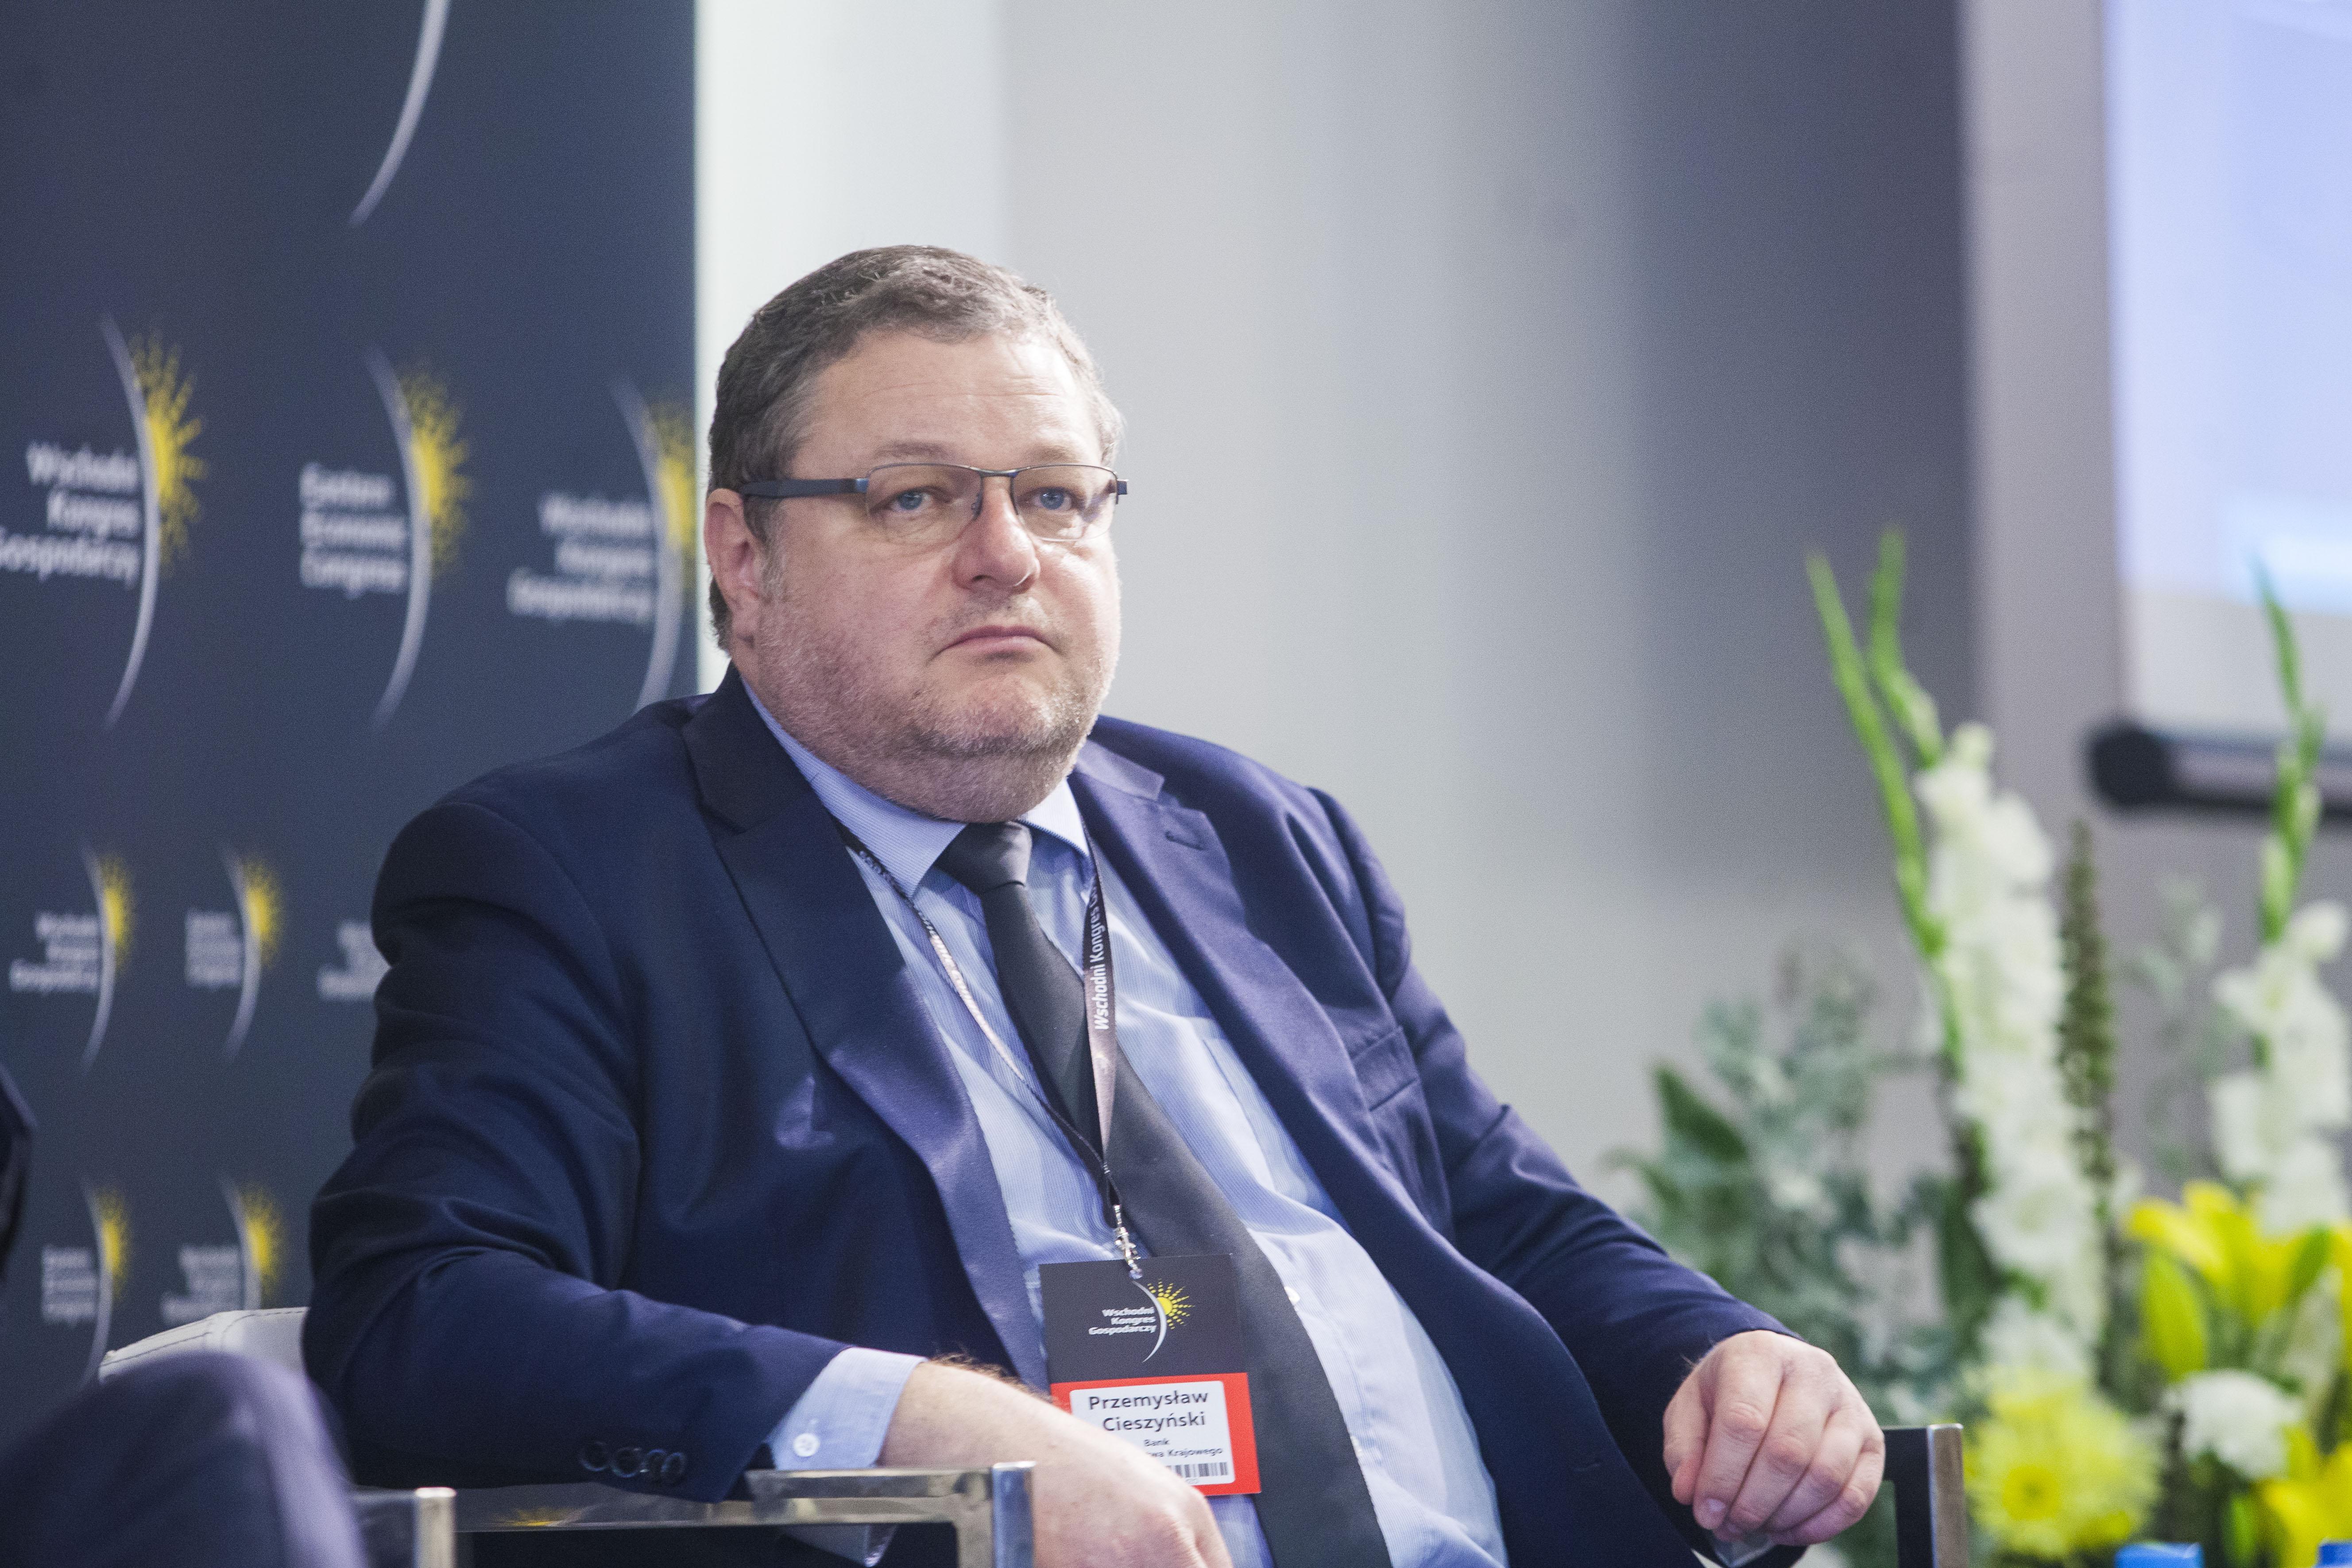 Przemysław Cieszyński, członek zarządu Banku Gospodarstwa Krajowego. Fot. PTWP